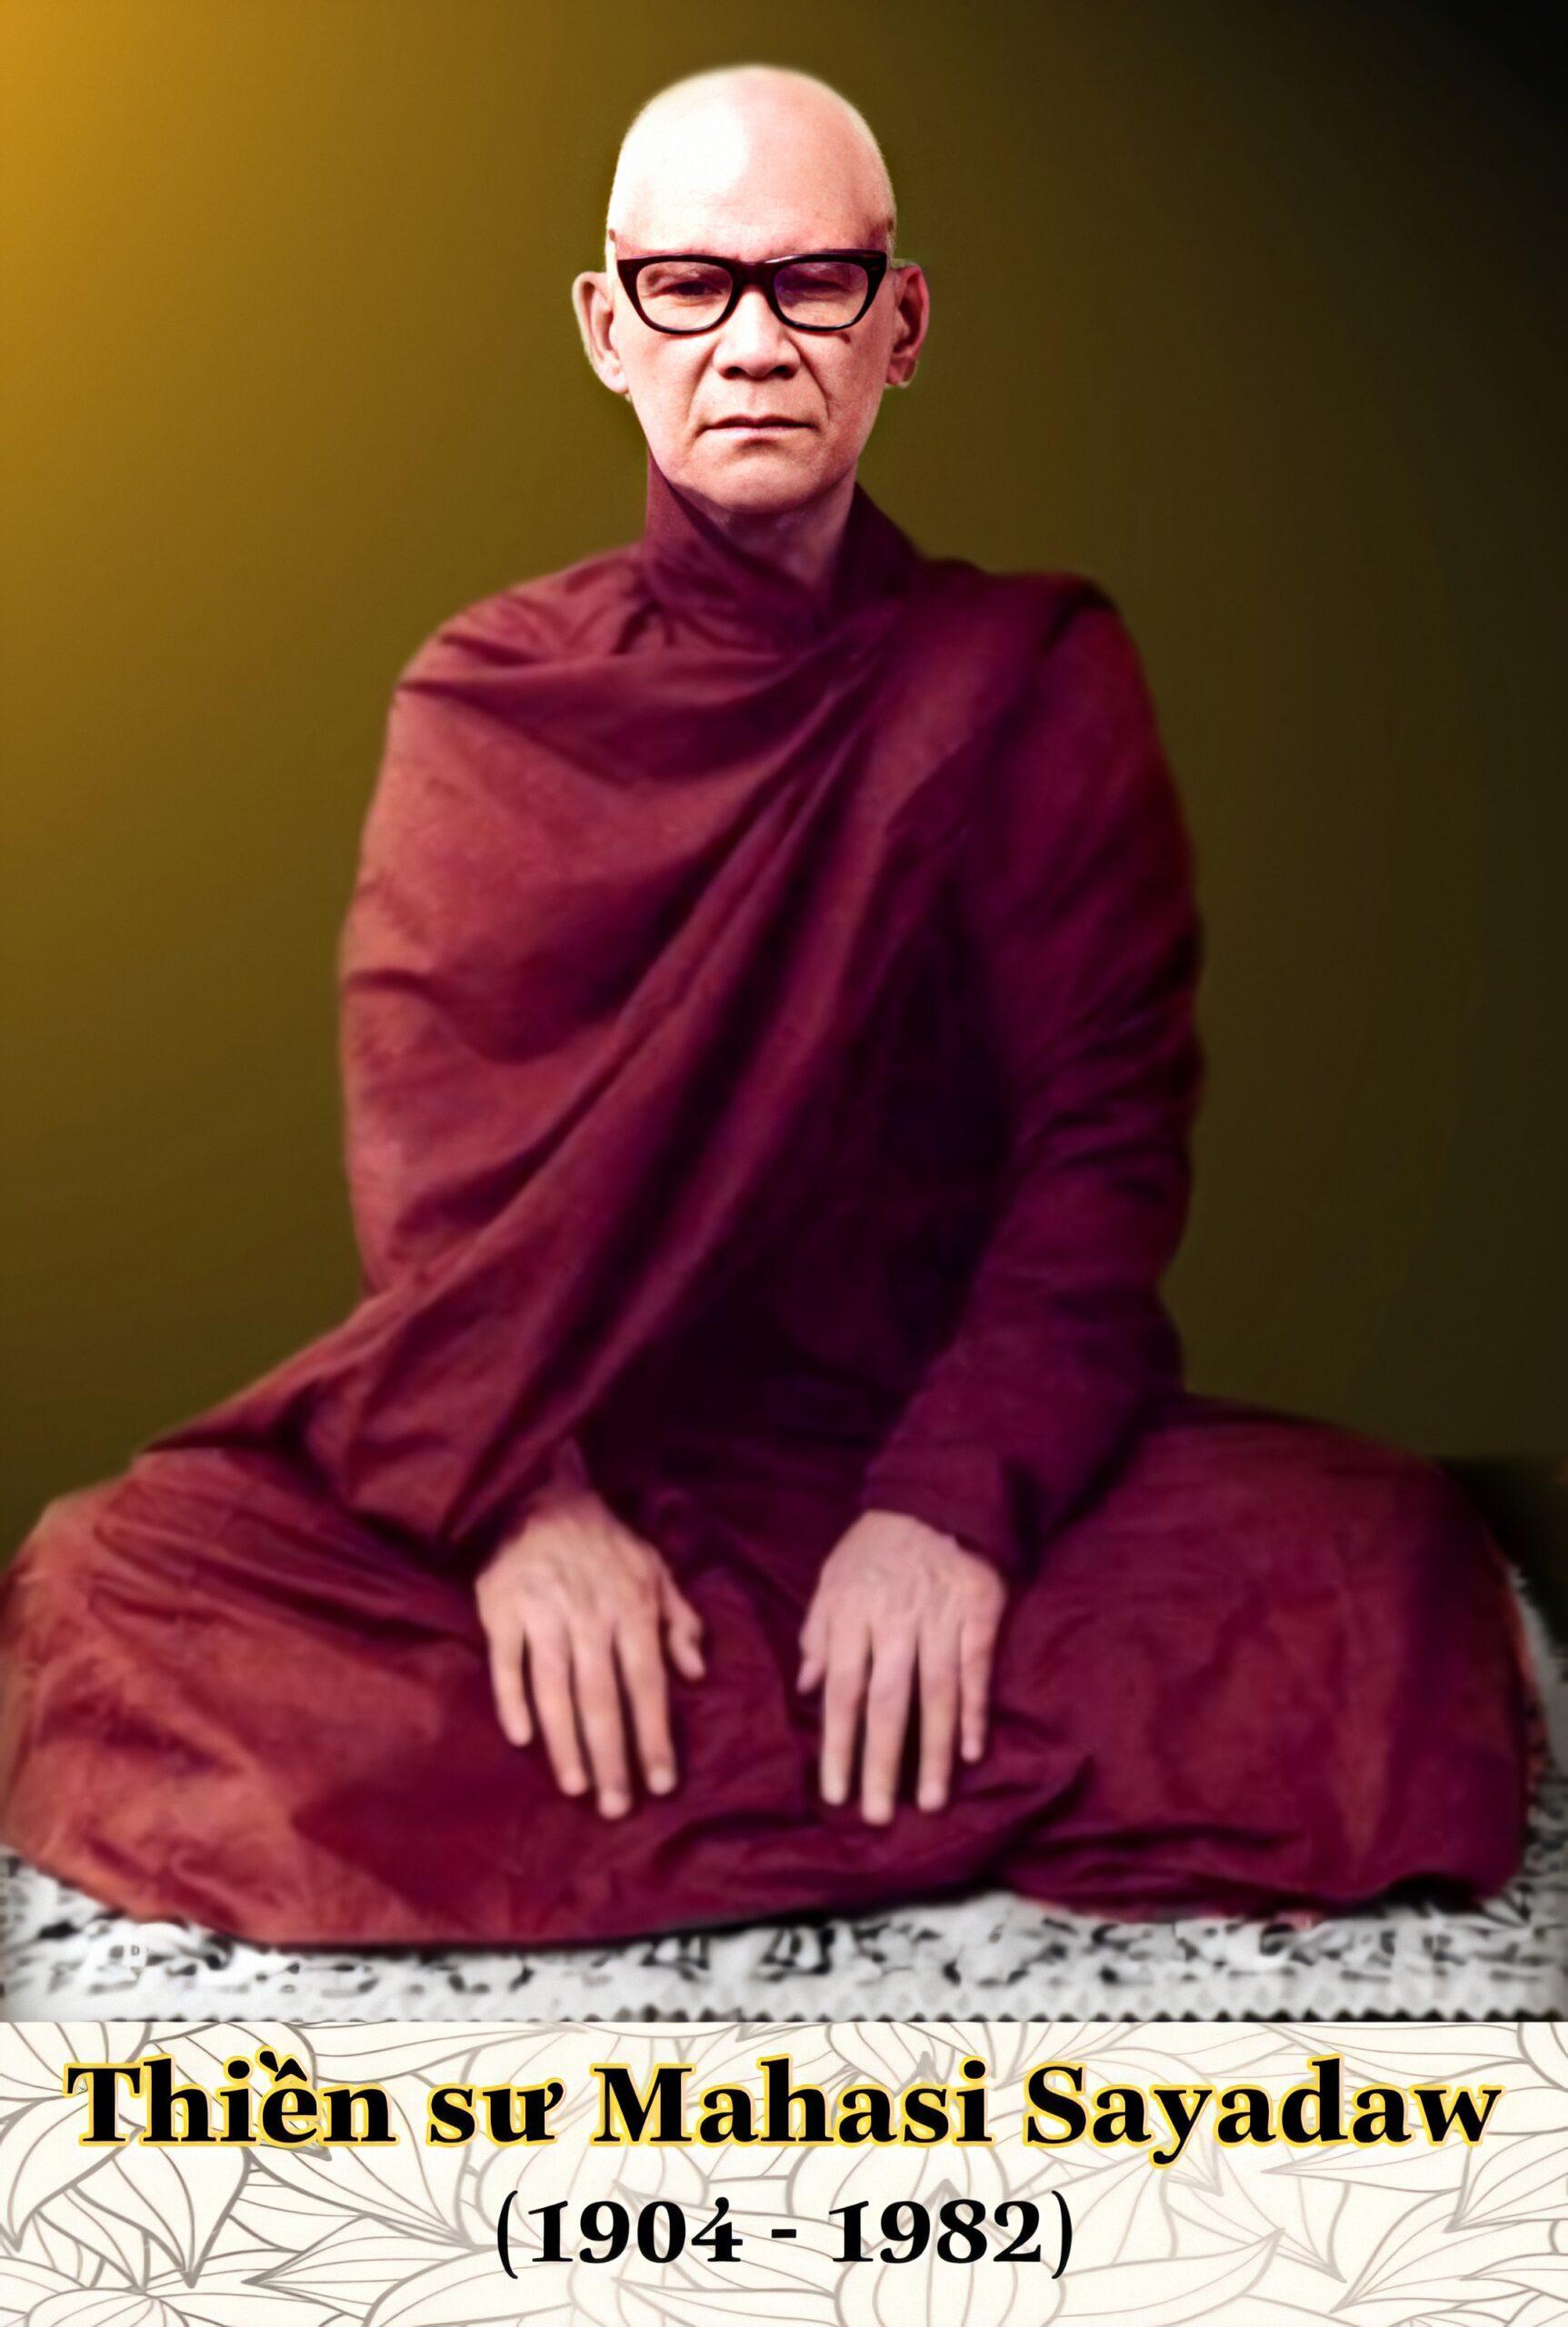 Thiền sư Mahasi Sayadaw 1 scaled